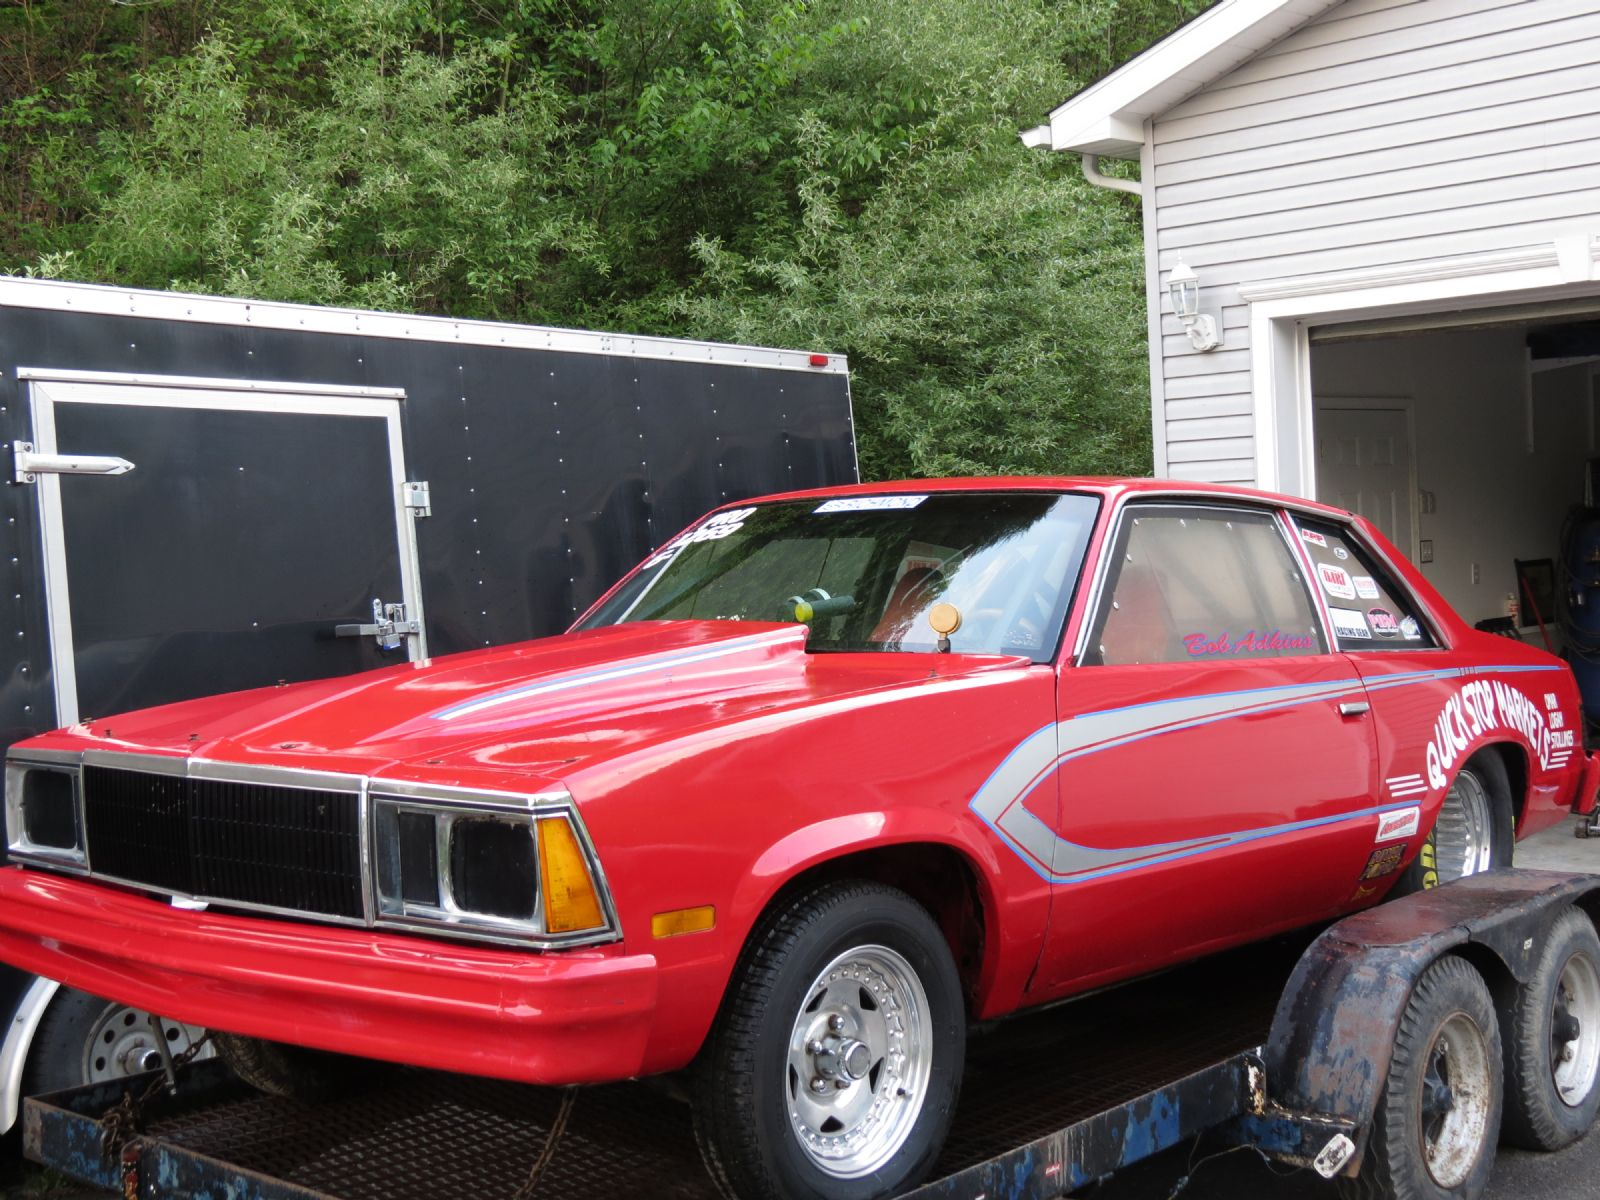 1981 Chevrolet Malibu Drag Car For Sale | Logan West Virginia